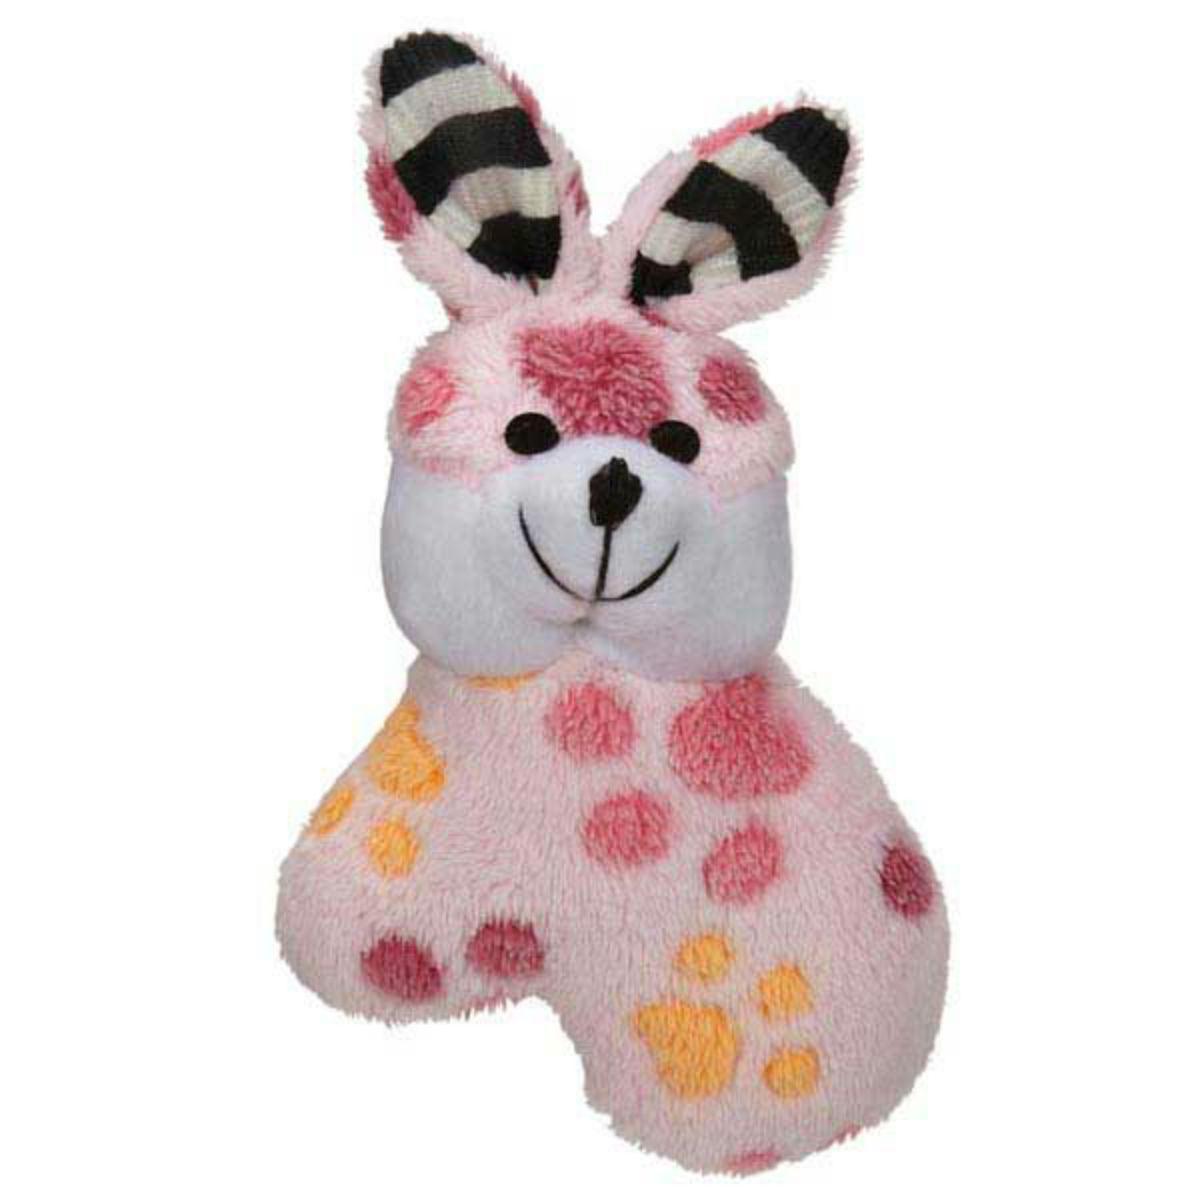 Zanies Silly Squad Dog Toy - Bunny